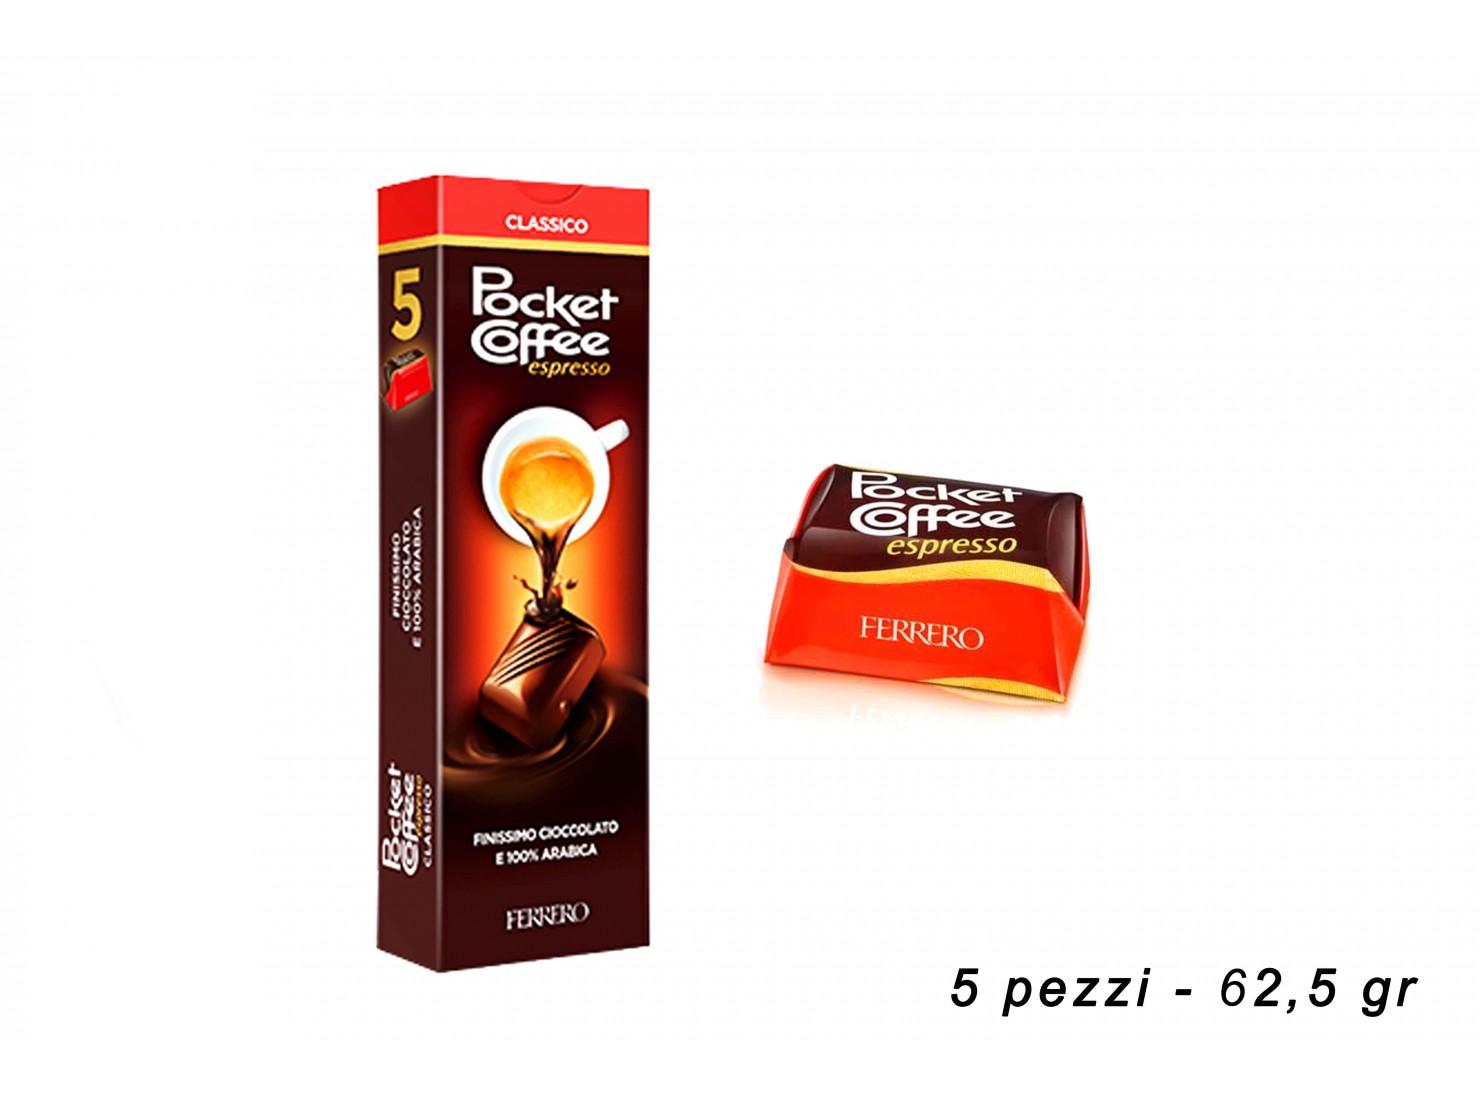 POCKET COFFEE ESPRESSO 5 PZ...